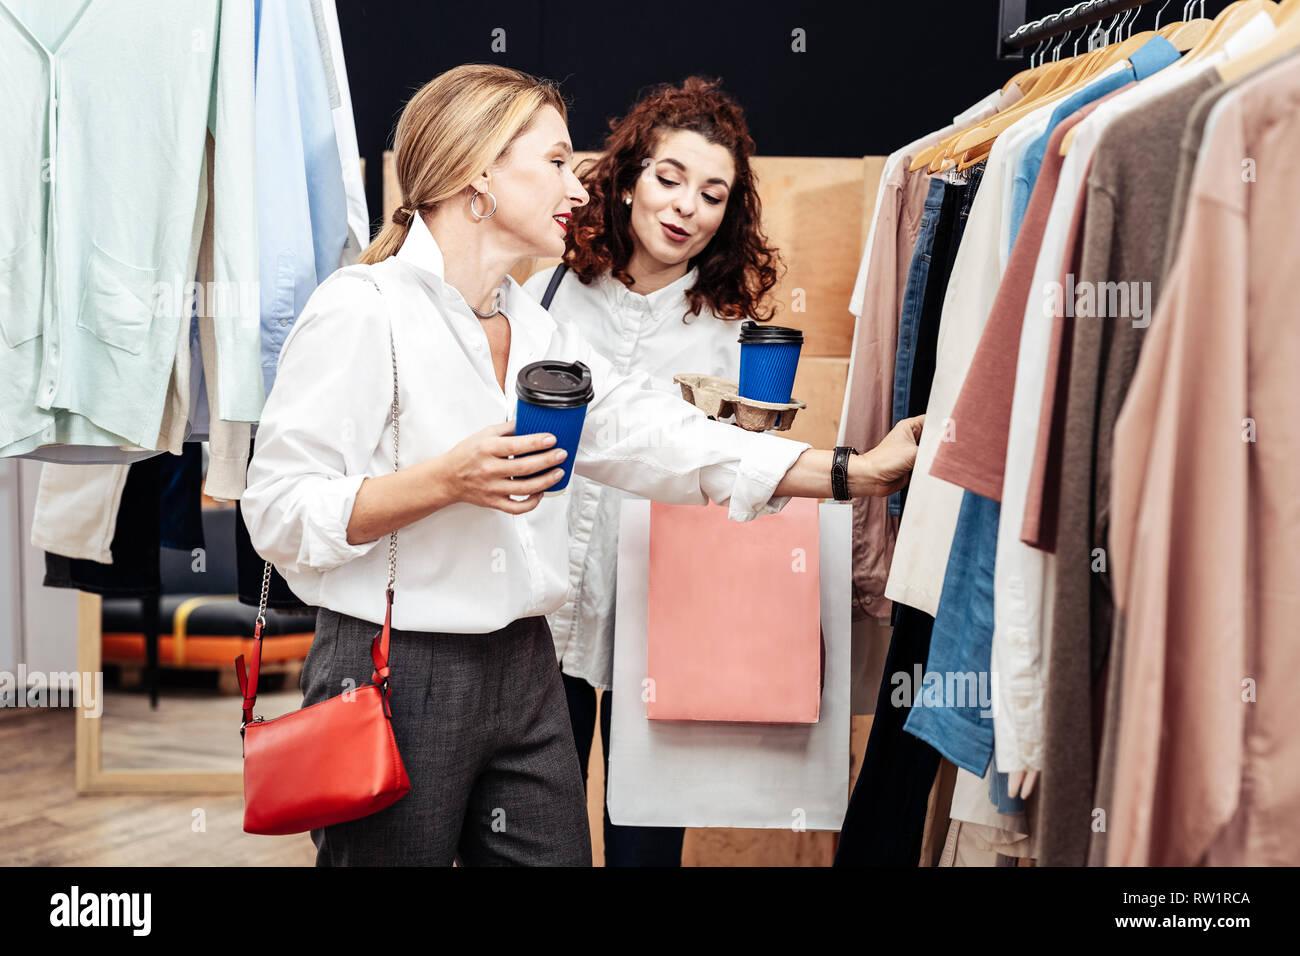 Fille de donner des conseils pour sa mère à la recherche de nouveaux vêtements Banque D'Images